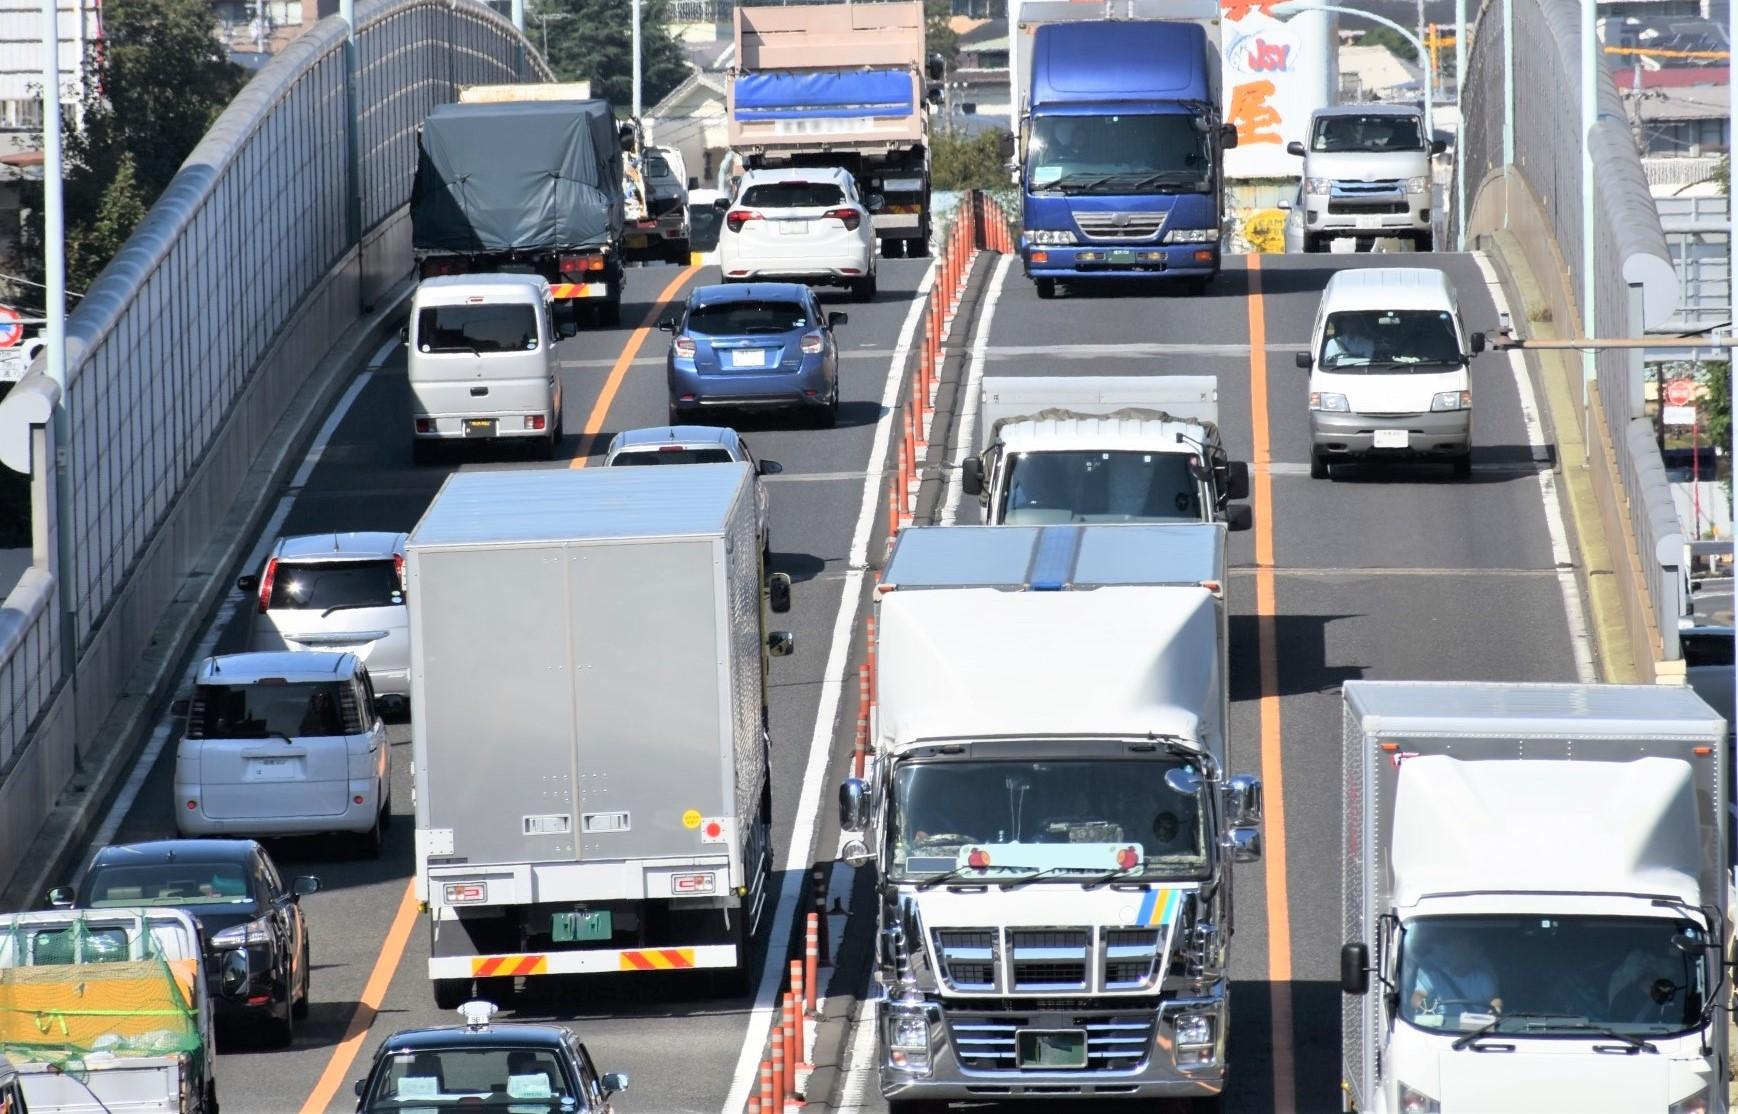 物流費倍増で「利益が吹き飛ぶ」。危機的な日本の物流に突破口はあるのか